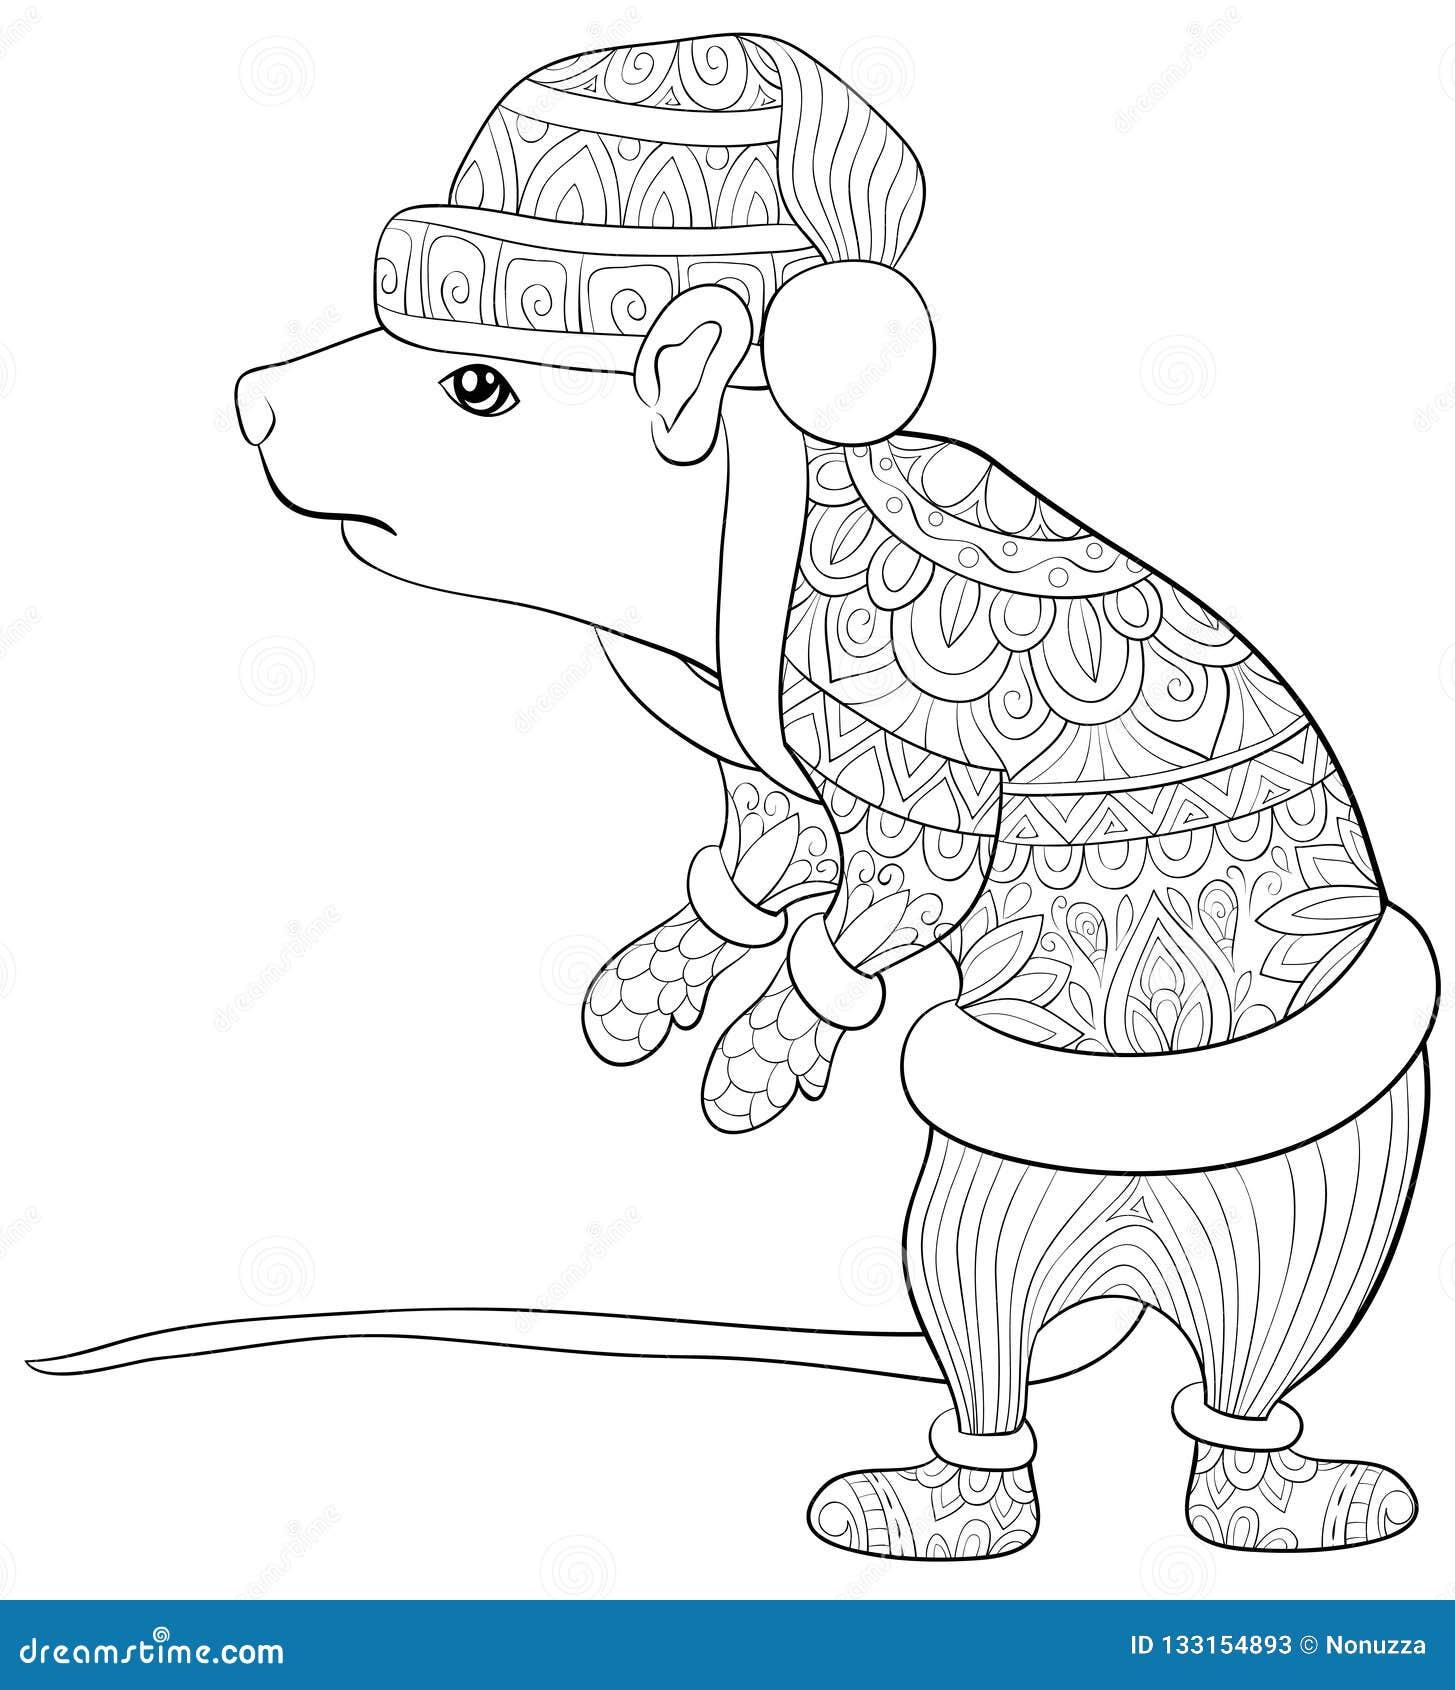 взрослая книжка раскраска страница милая крыса с